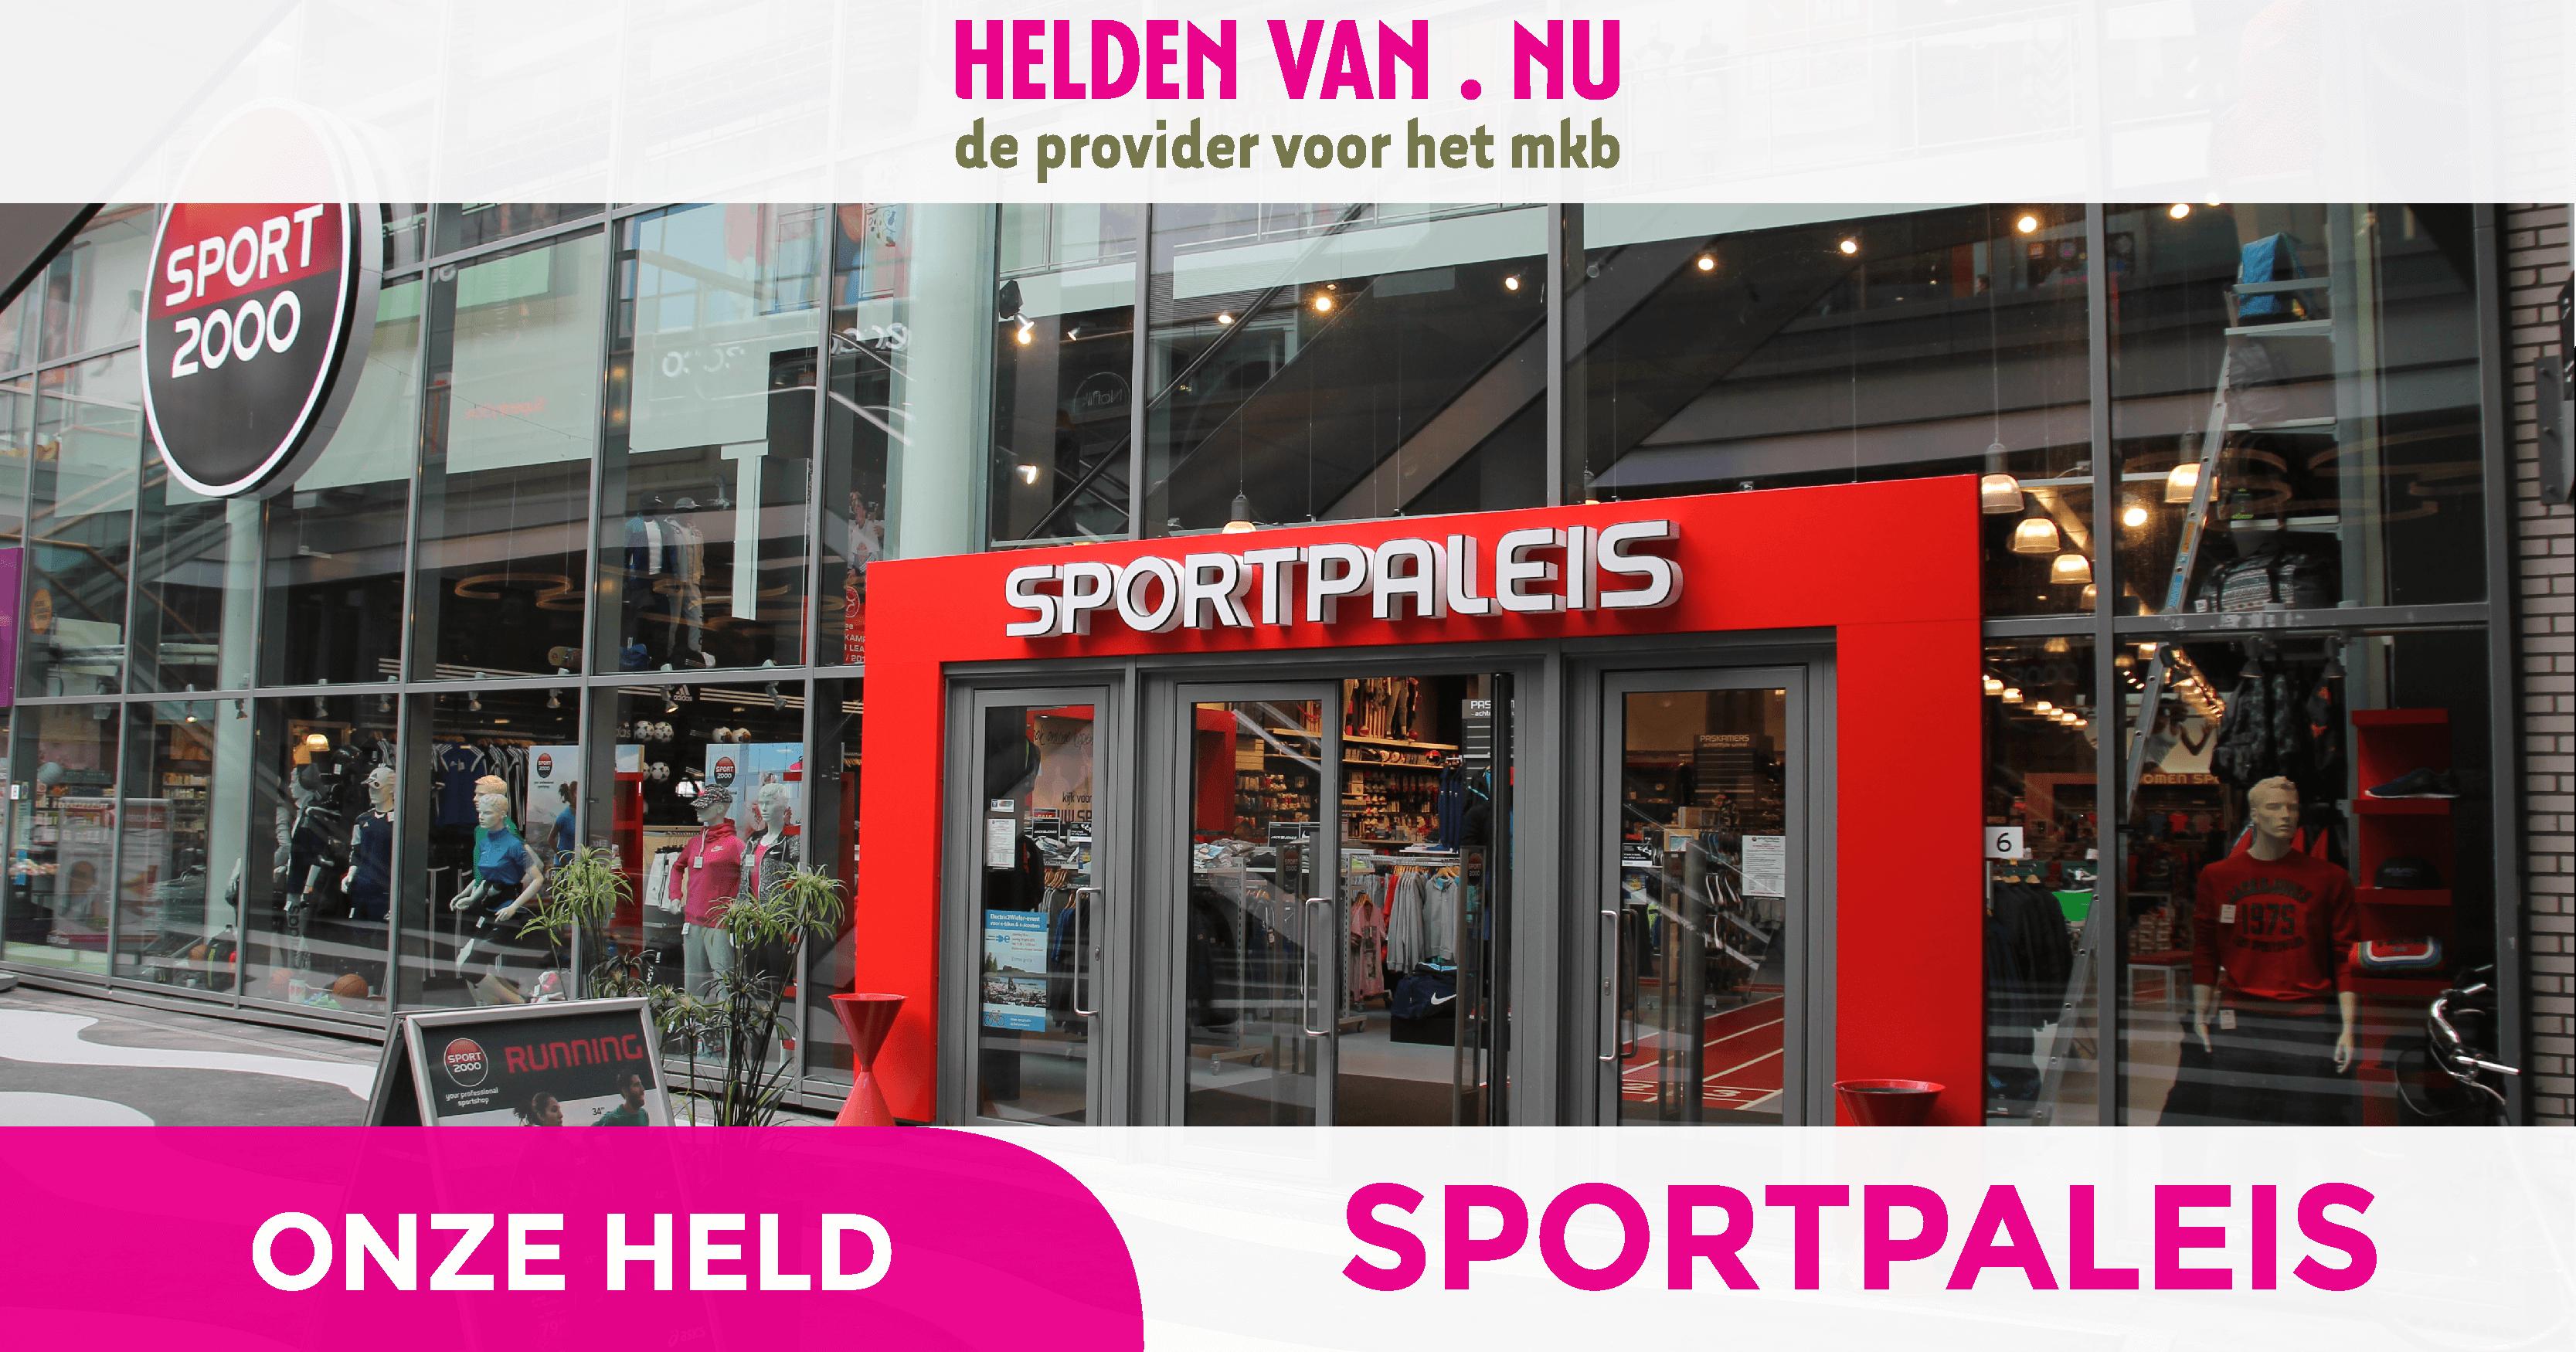 dc06e5ec0c8 ONZE HELD... Sportpaleis | Helden Van Nu